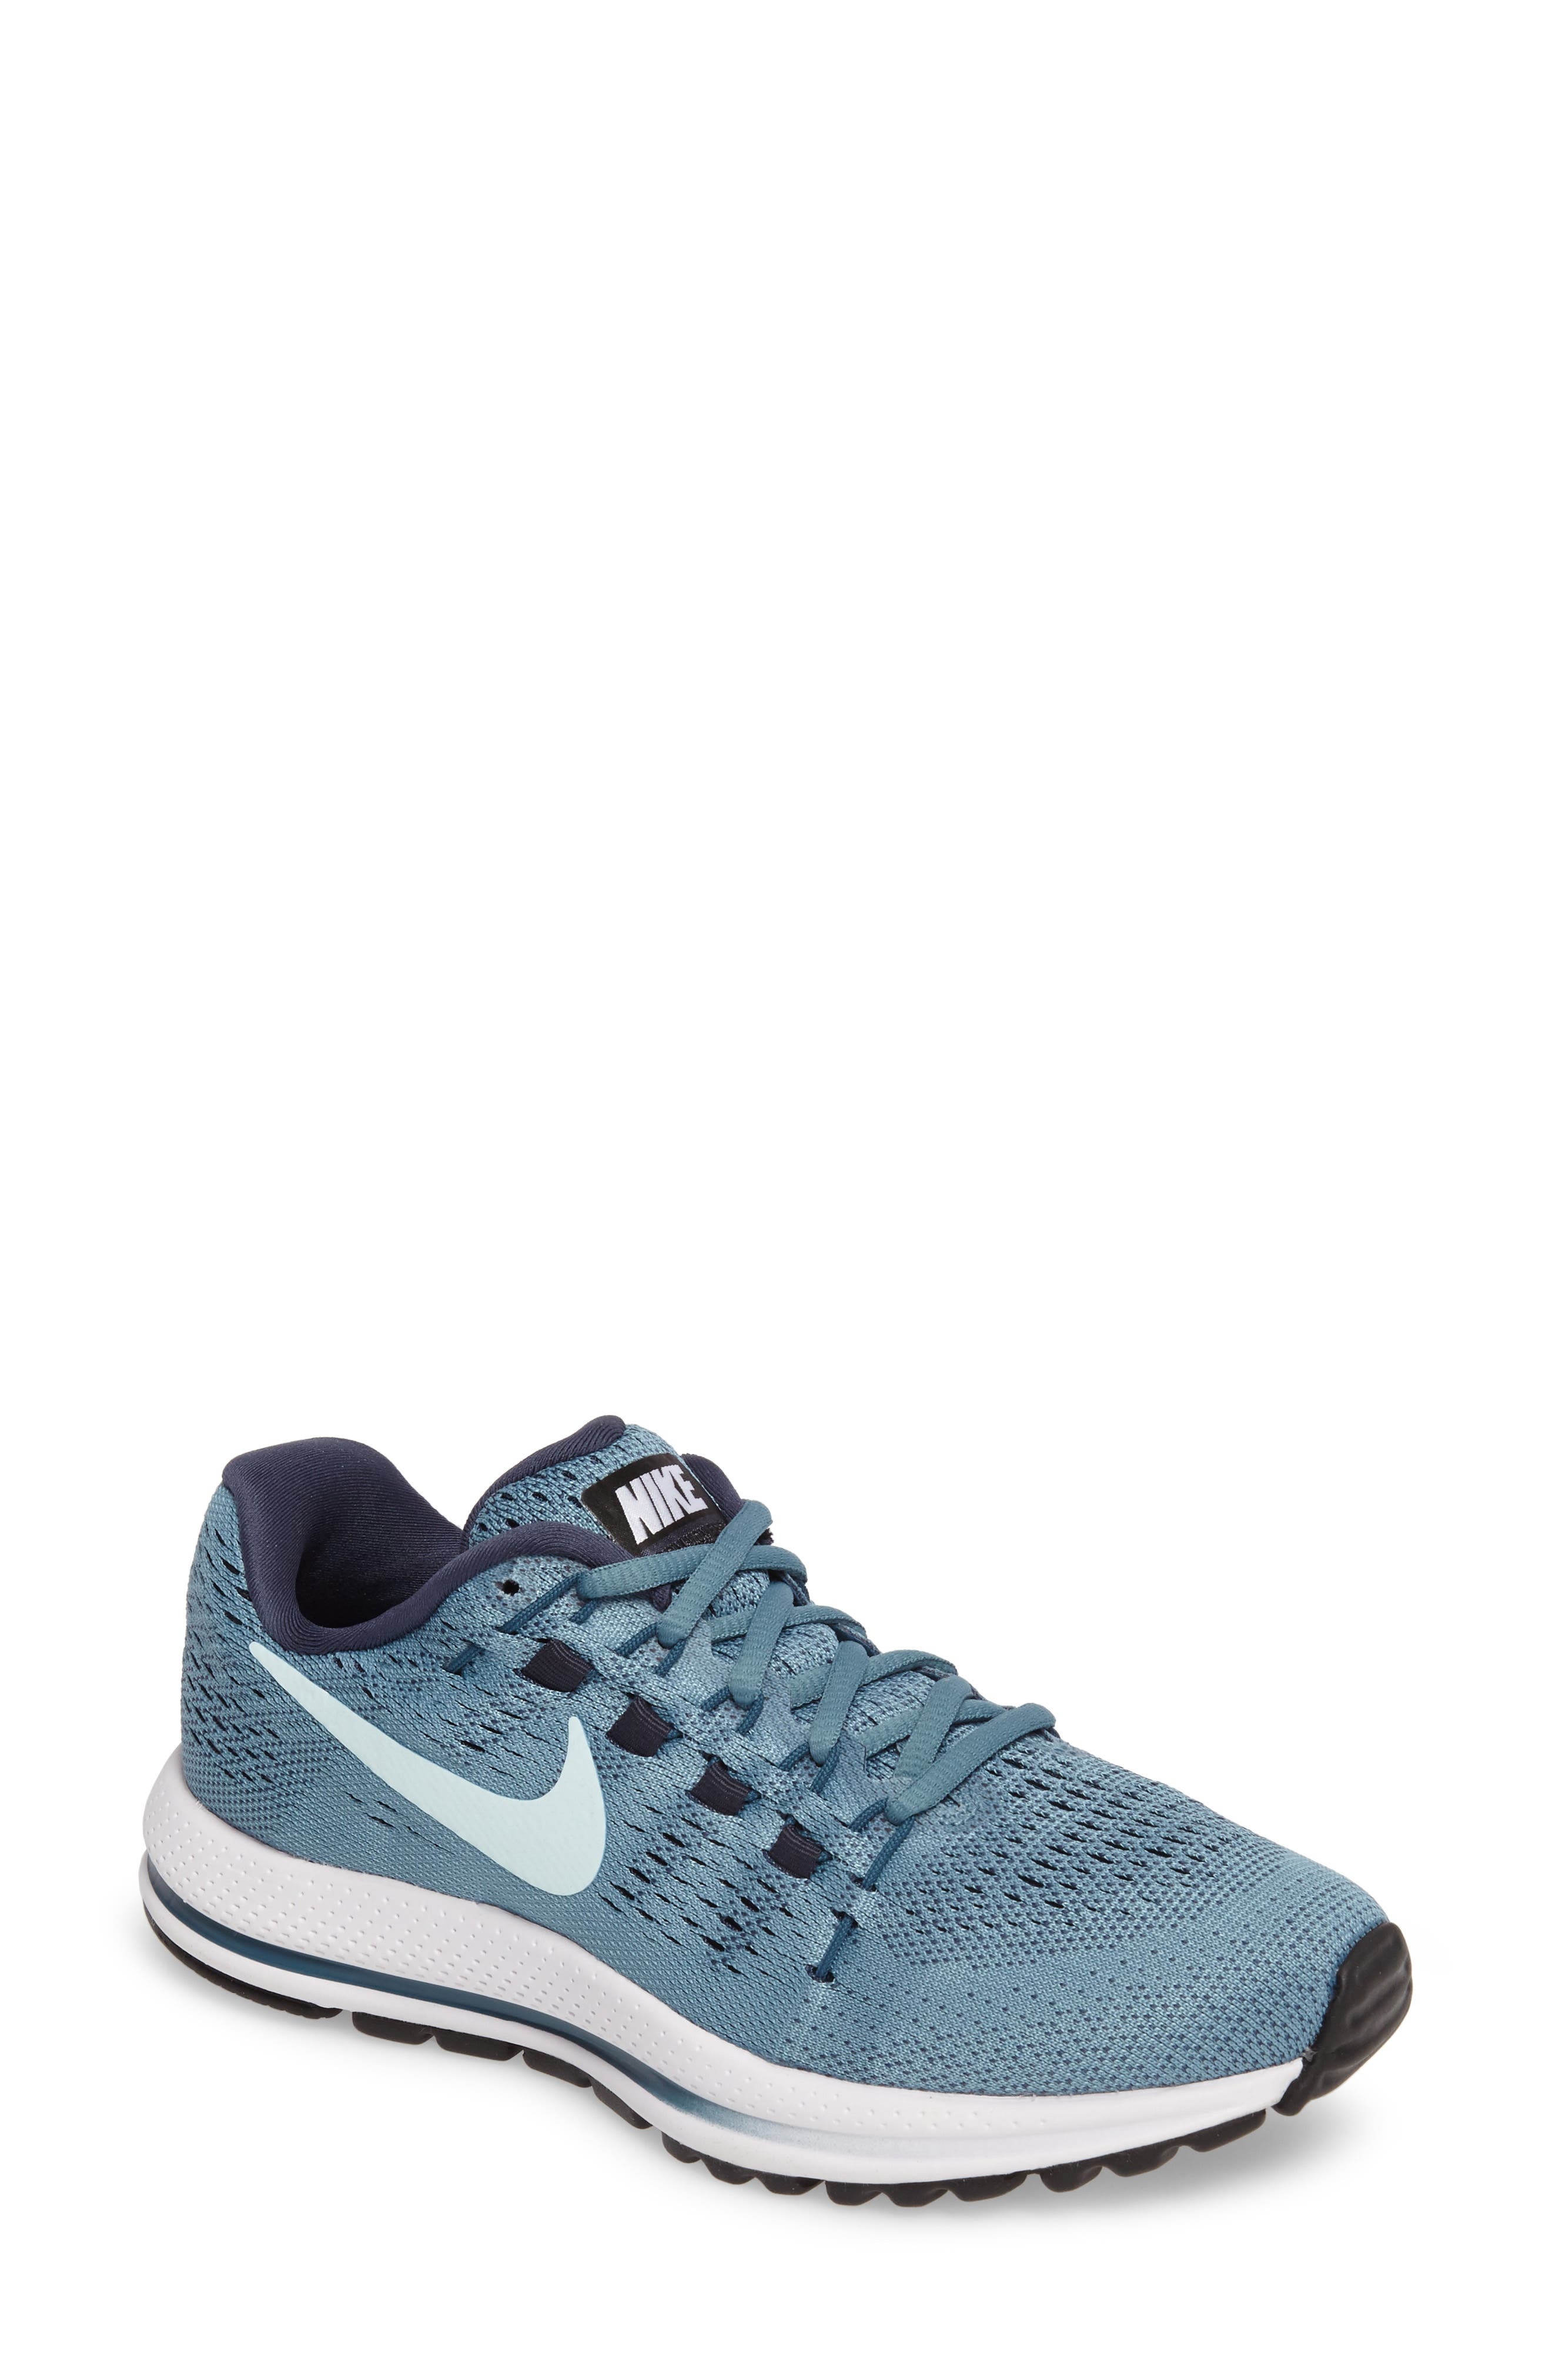 Main Image - Nike Air Zoom Vomero 12 Running Shoe (Women)